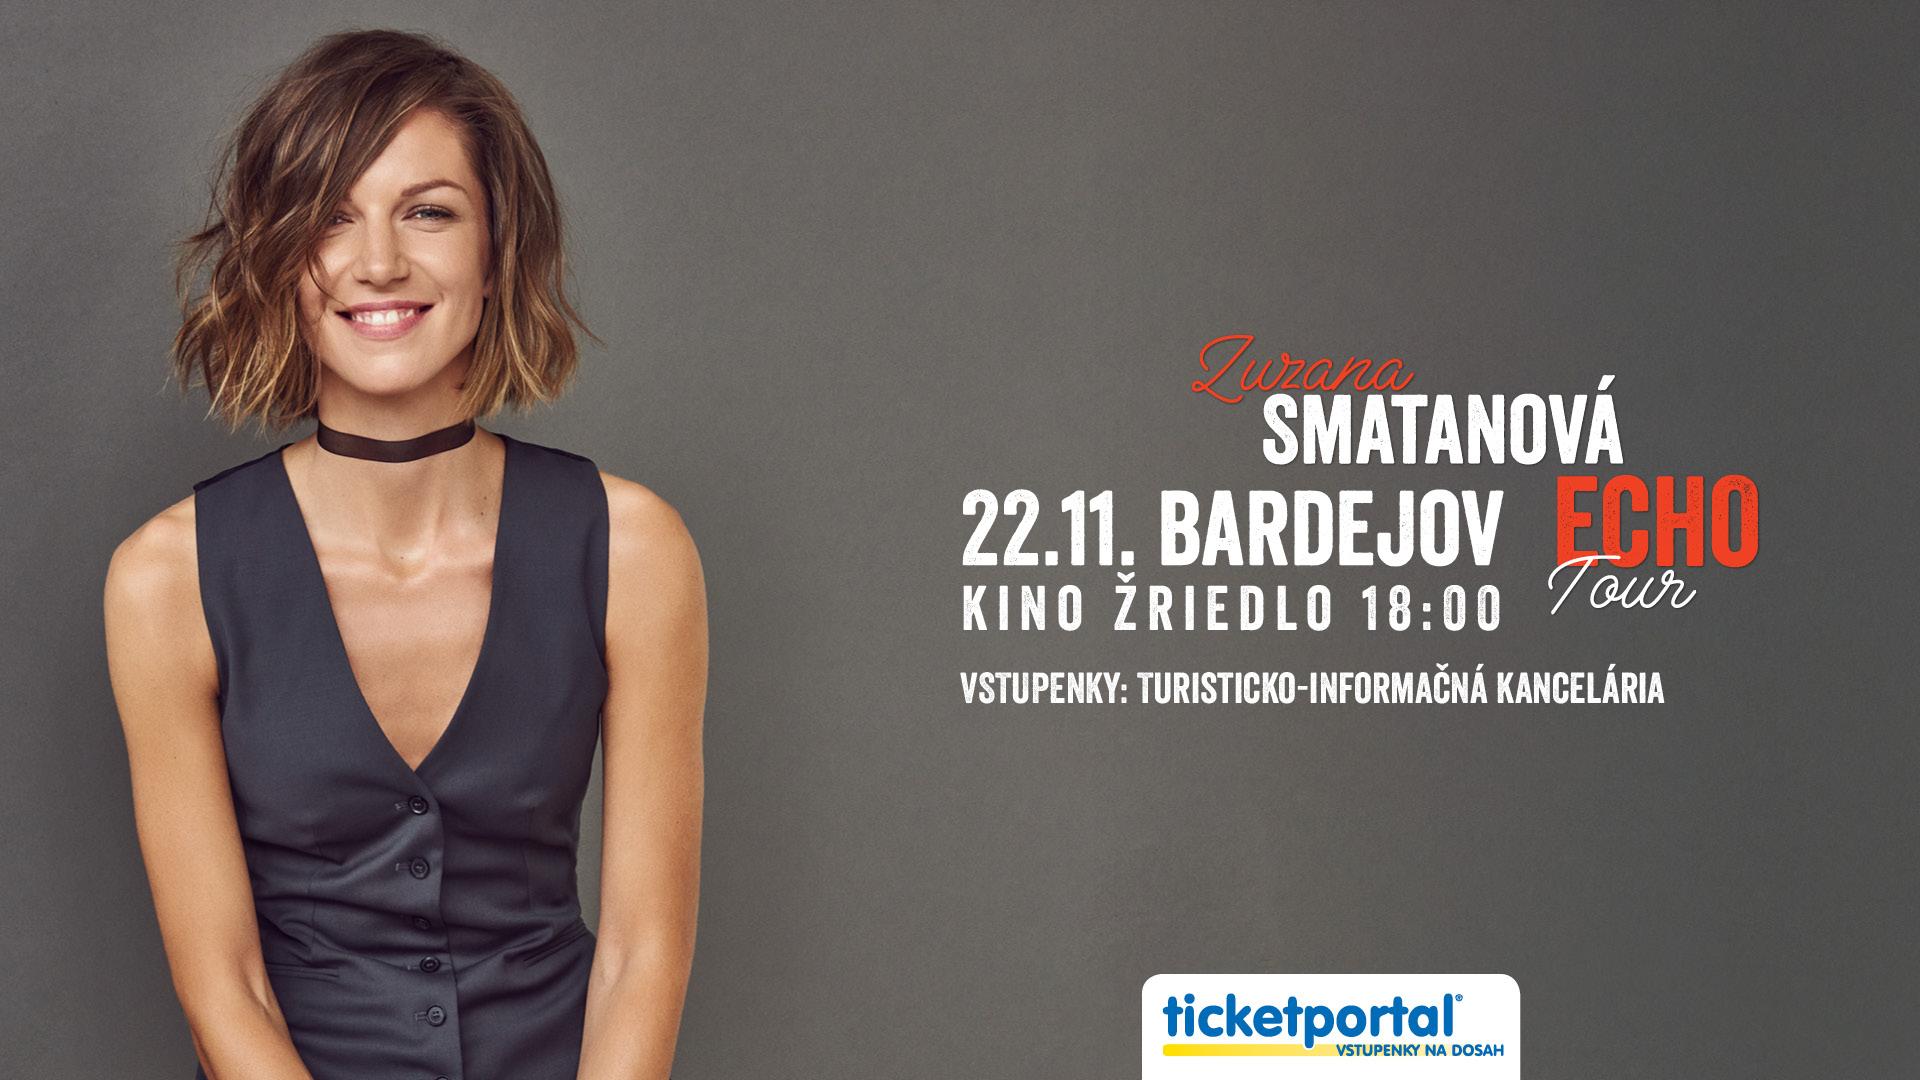 """Zuzana Smatanová má nový singel """"Môžeme si už odpustiť?"""", prvý raz zaznie naživo na aktuálnom turné aj u nás v Bardejove!"""